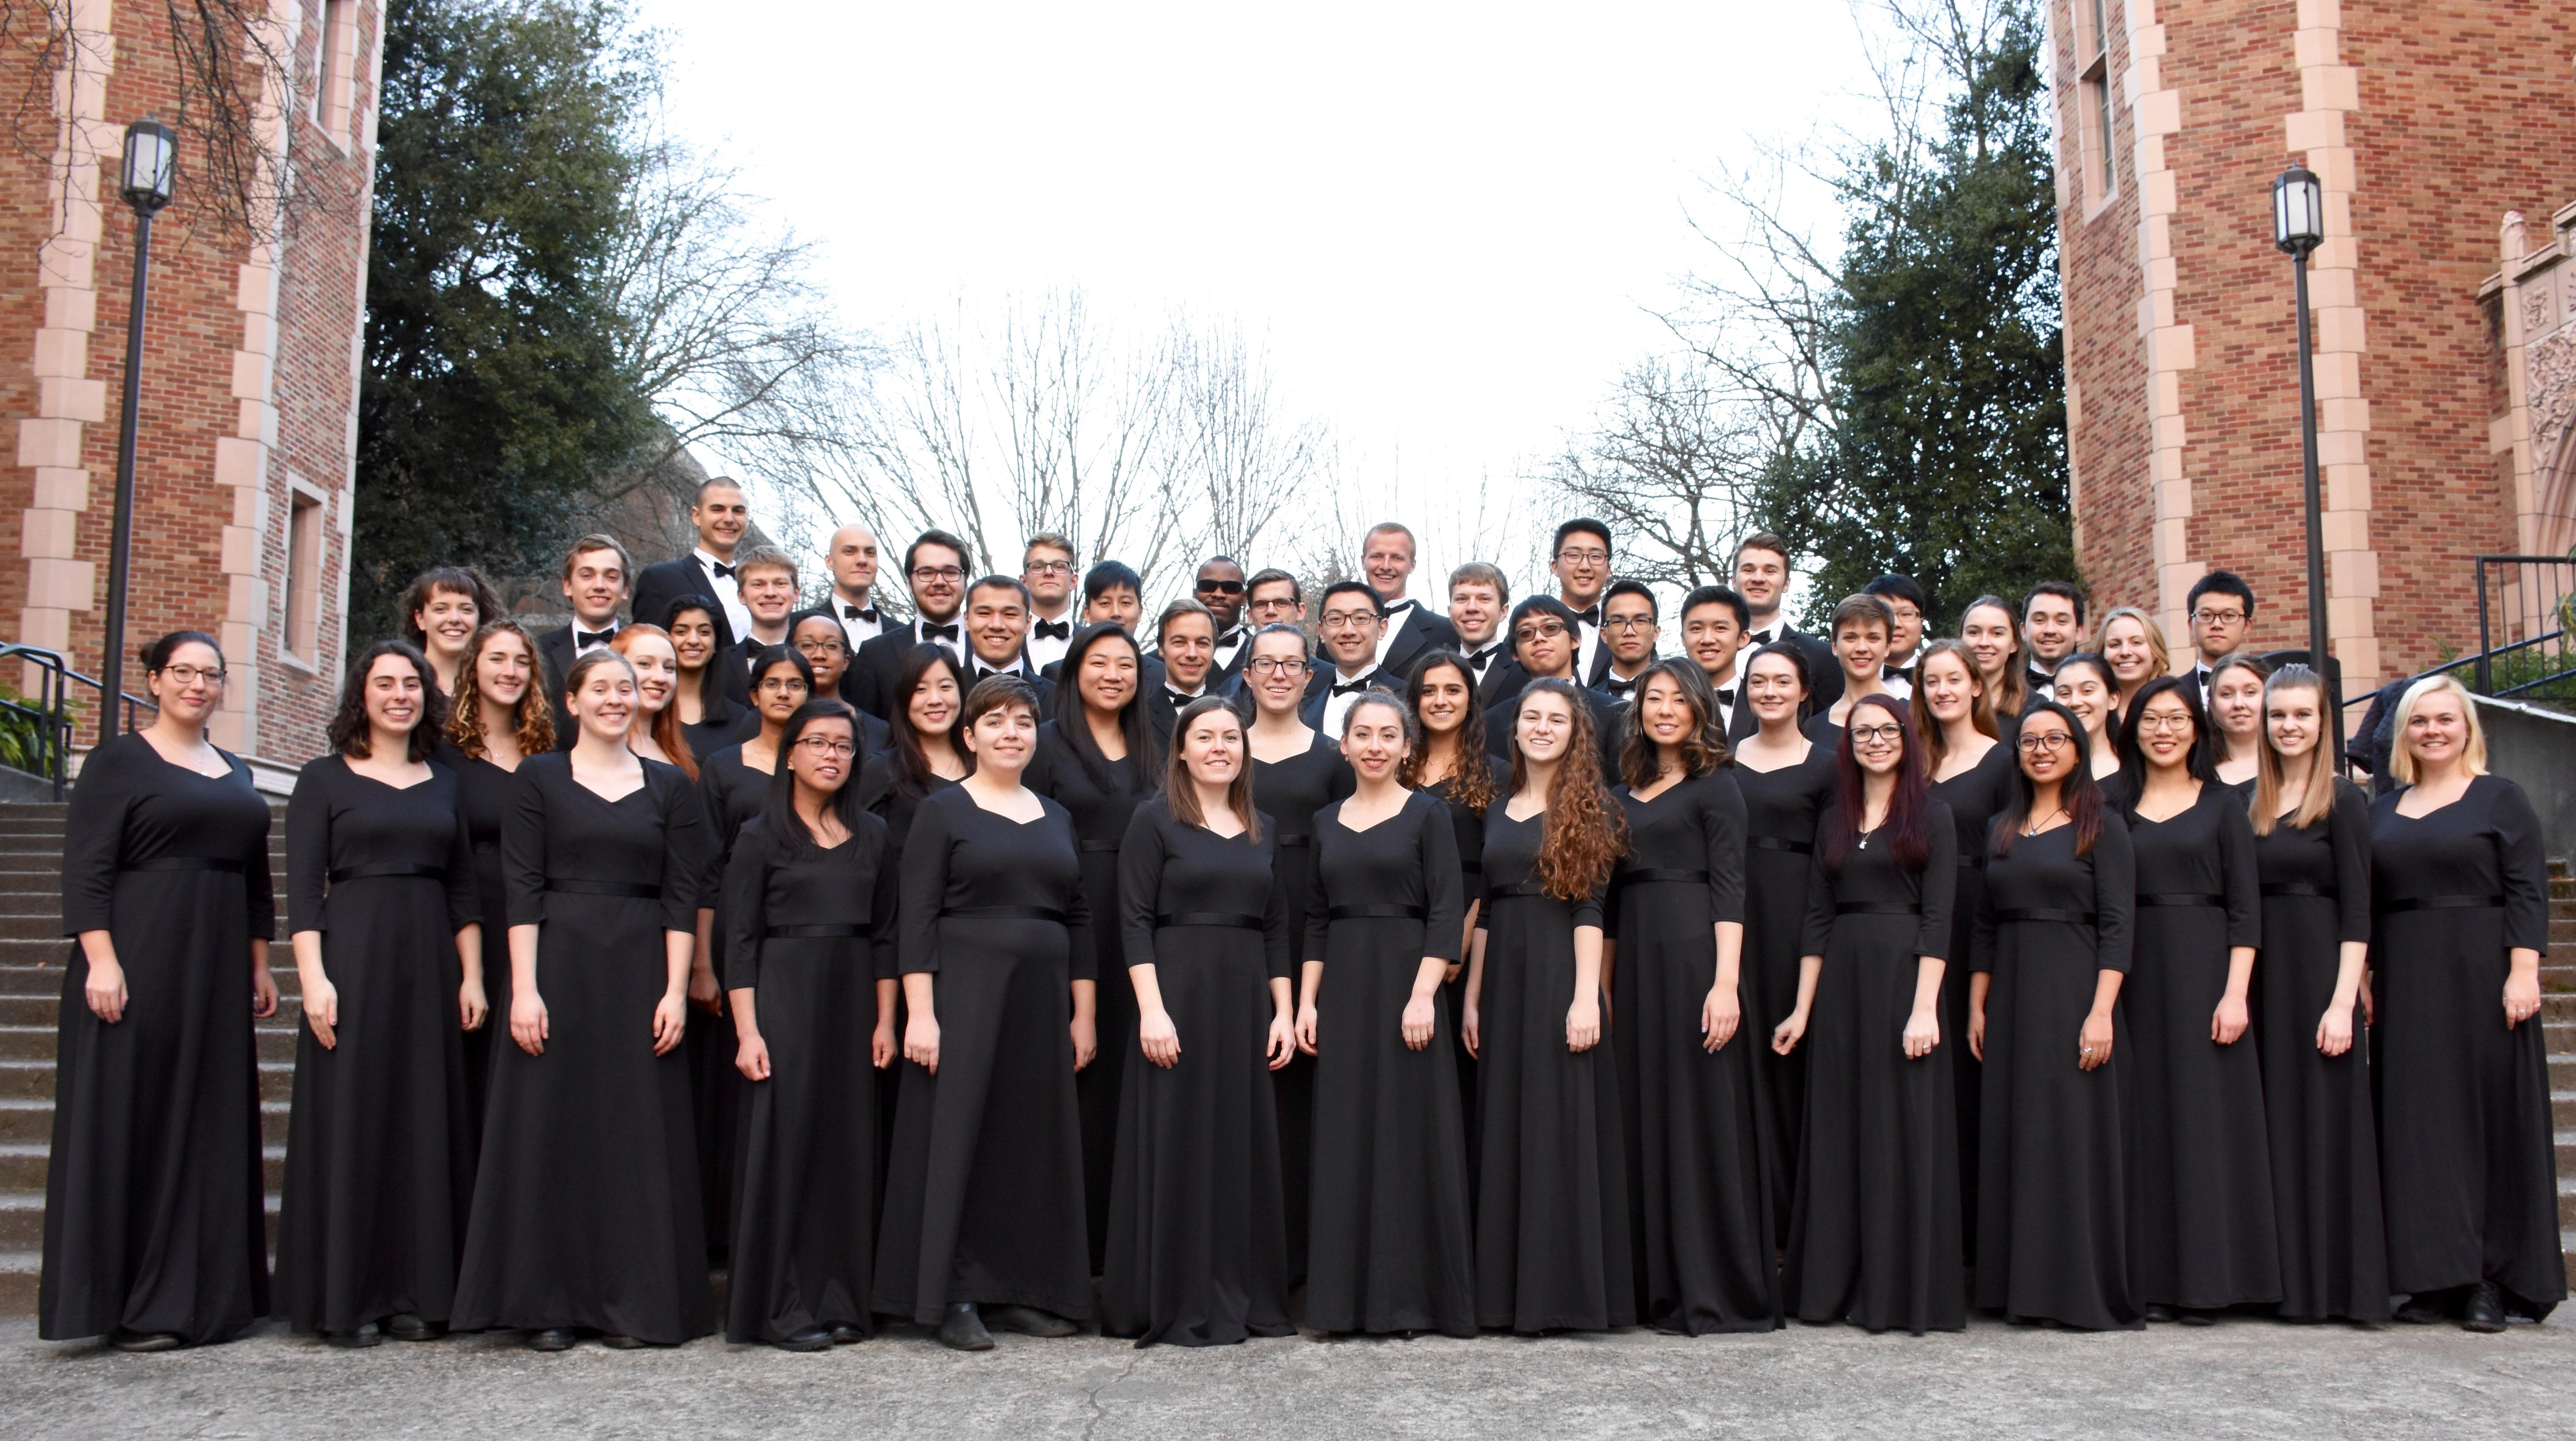 UW Chorale 2017 full